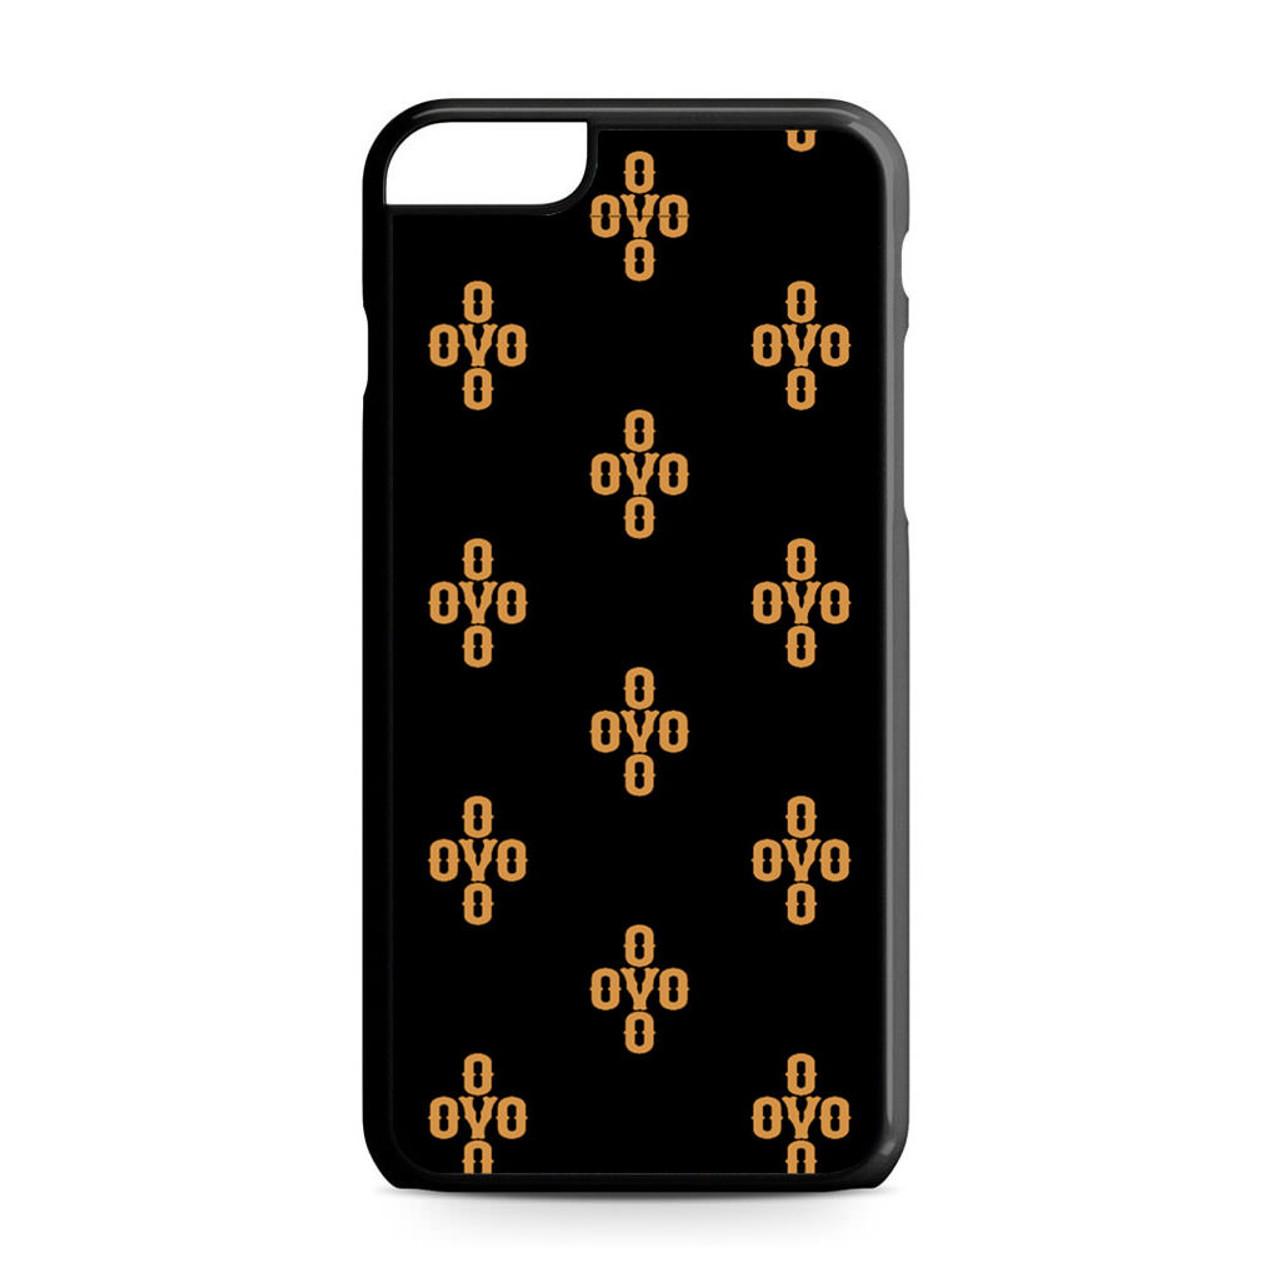 promo code 32fdf bebef Ovo Pattern iPhone 6 Plus/6S Plus Case